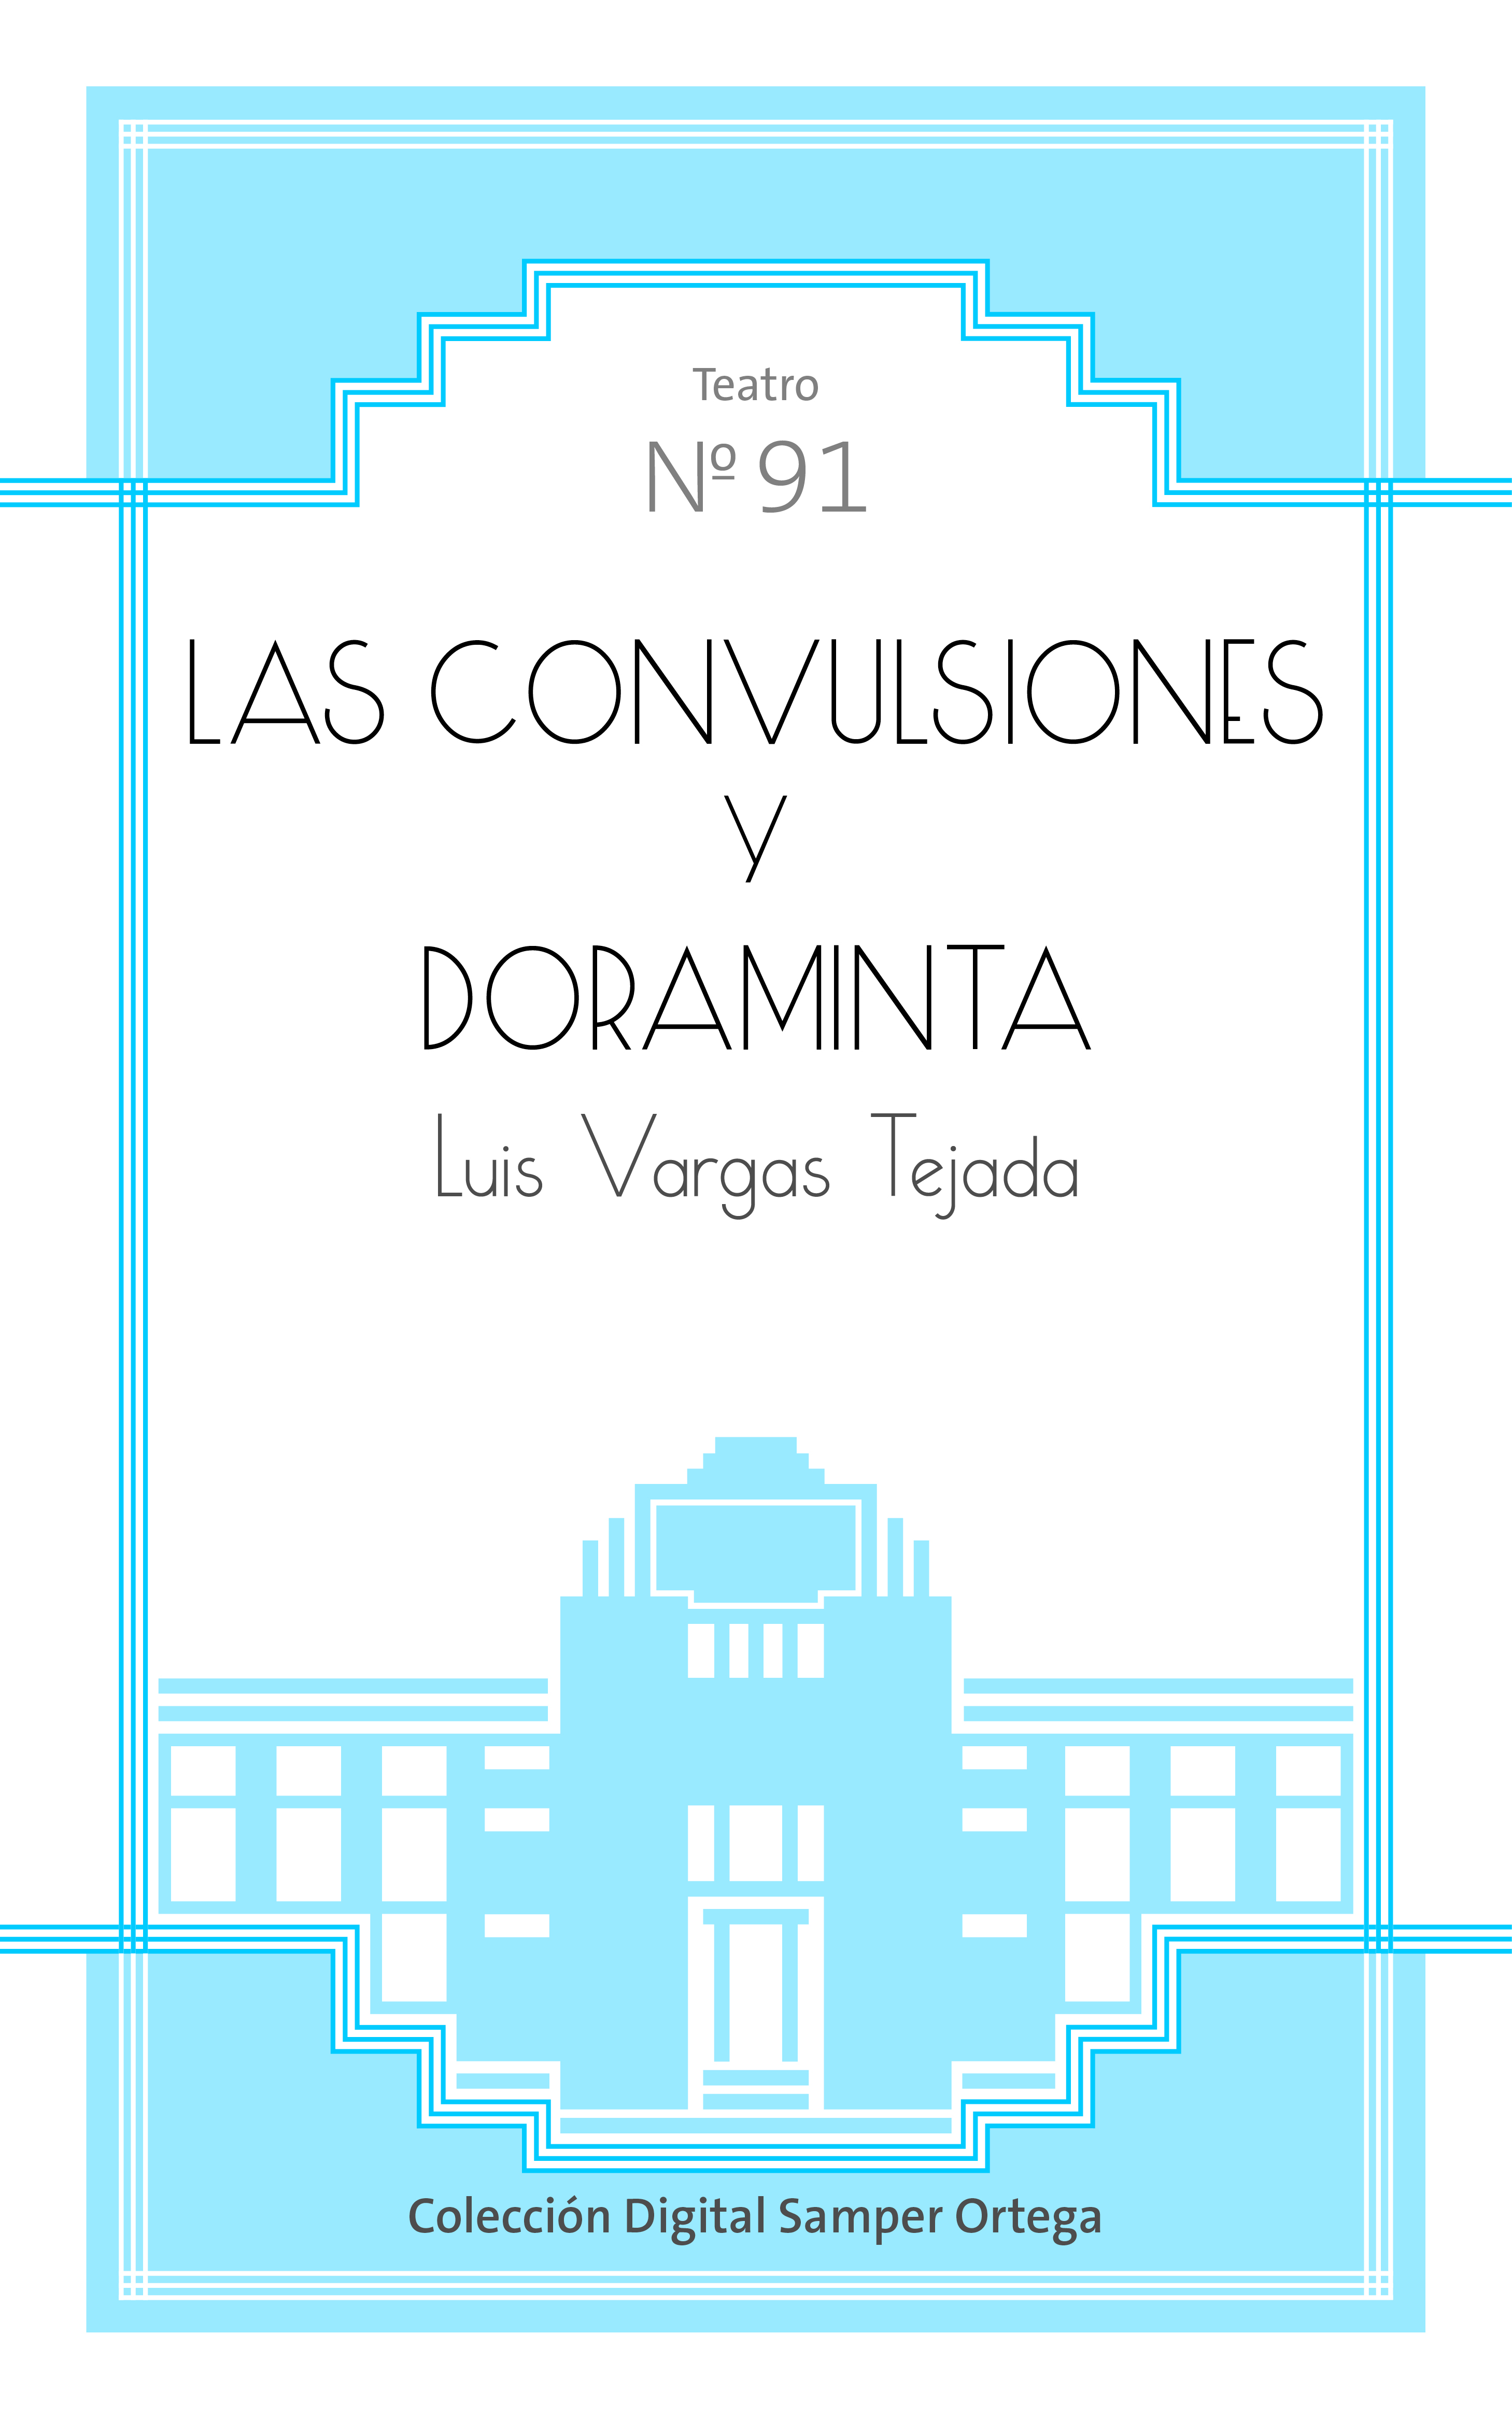 Las convulsiones y Doraminta / por Luis Vargas Tejada